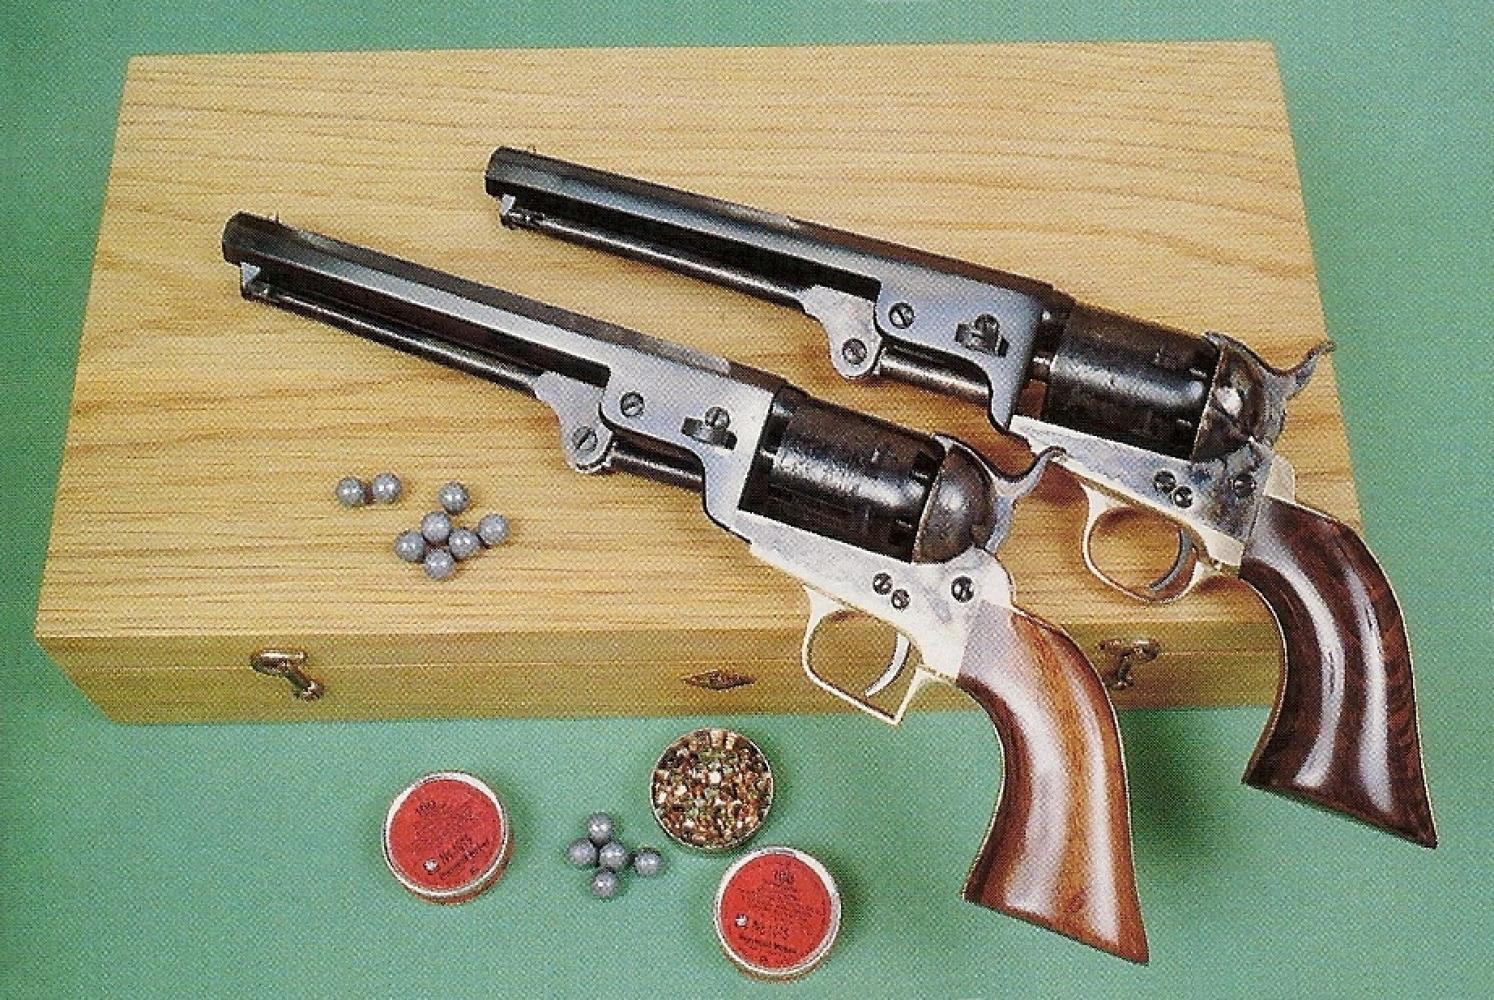 Comparaison entre deux répliques Uberti de Colt 1851 Navy, qui correspondent aux variantes d'époque sur lesquelles diffère le dessin du pontet.